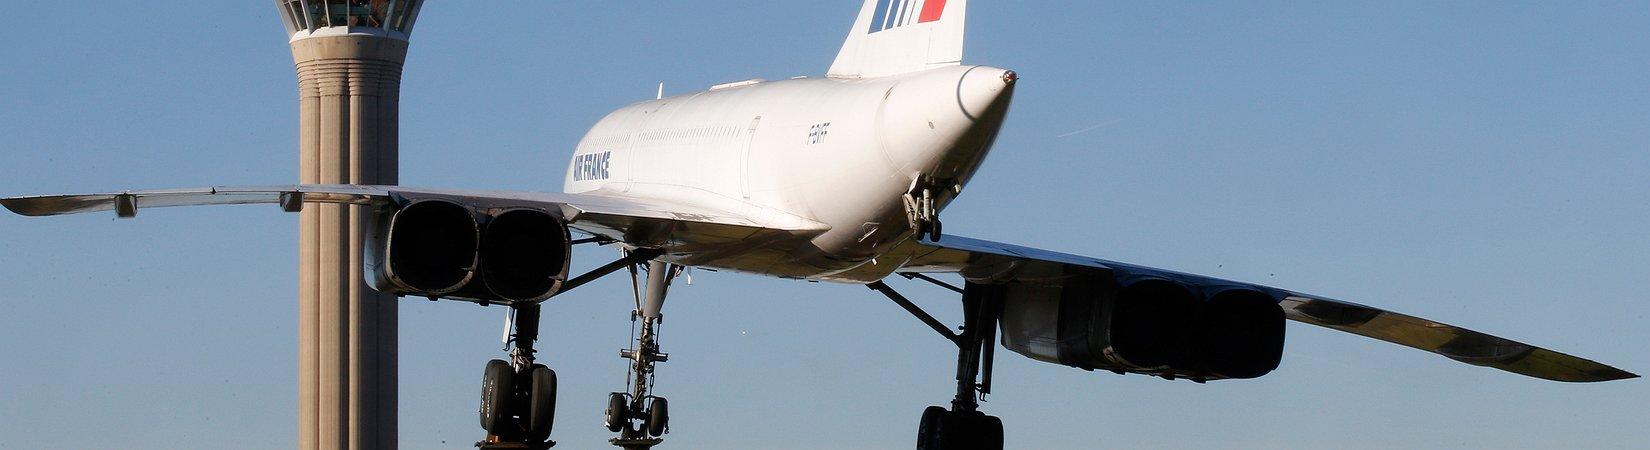 Las huelgas de controladores aéreos le cuestan a la economía de la UE 12.000 millones de euros